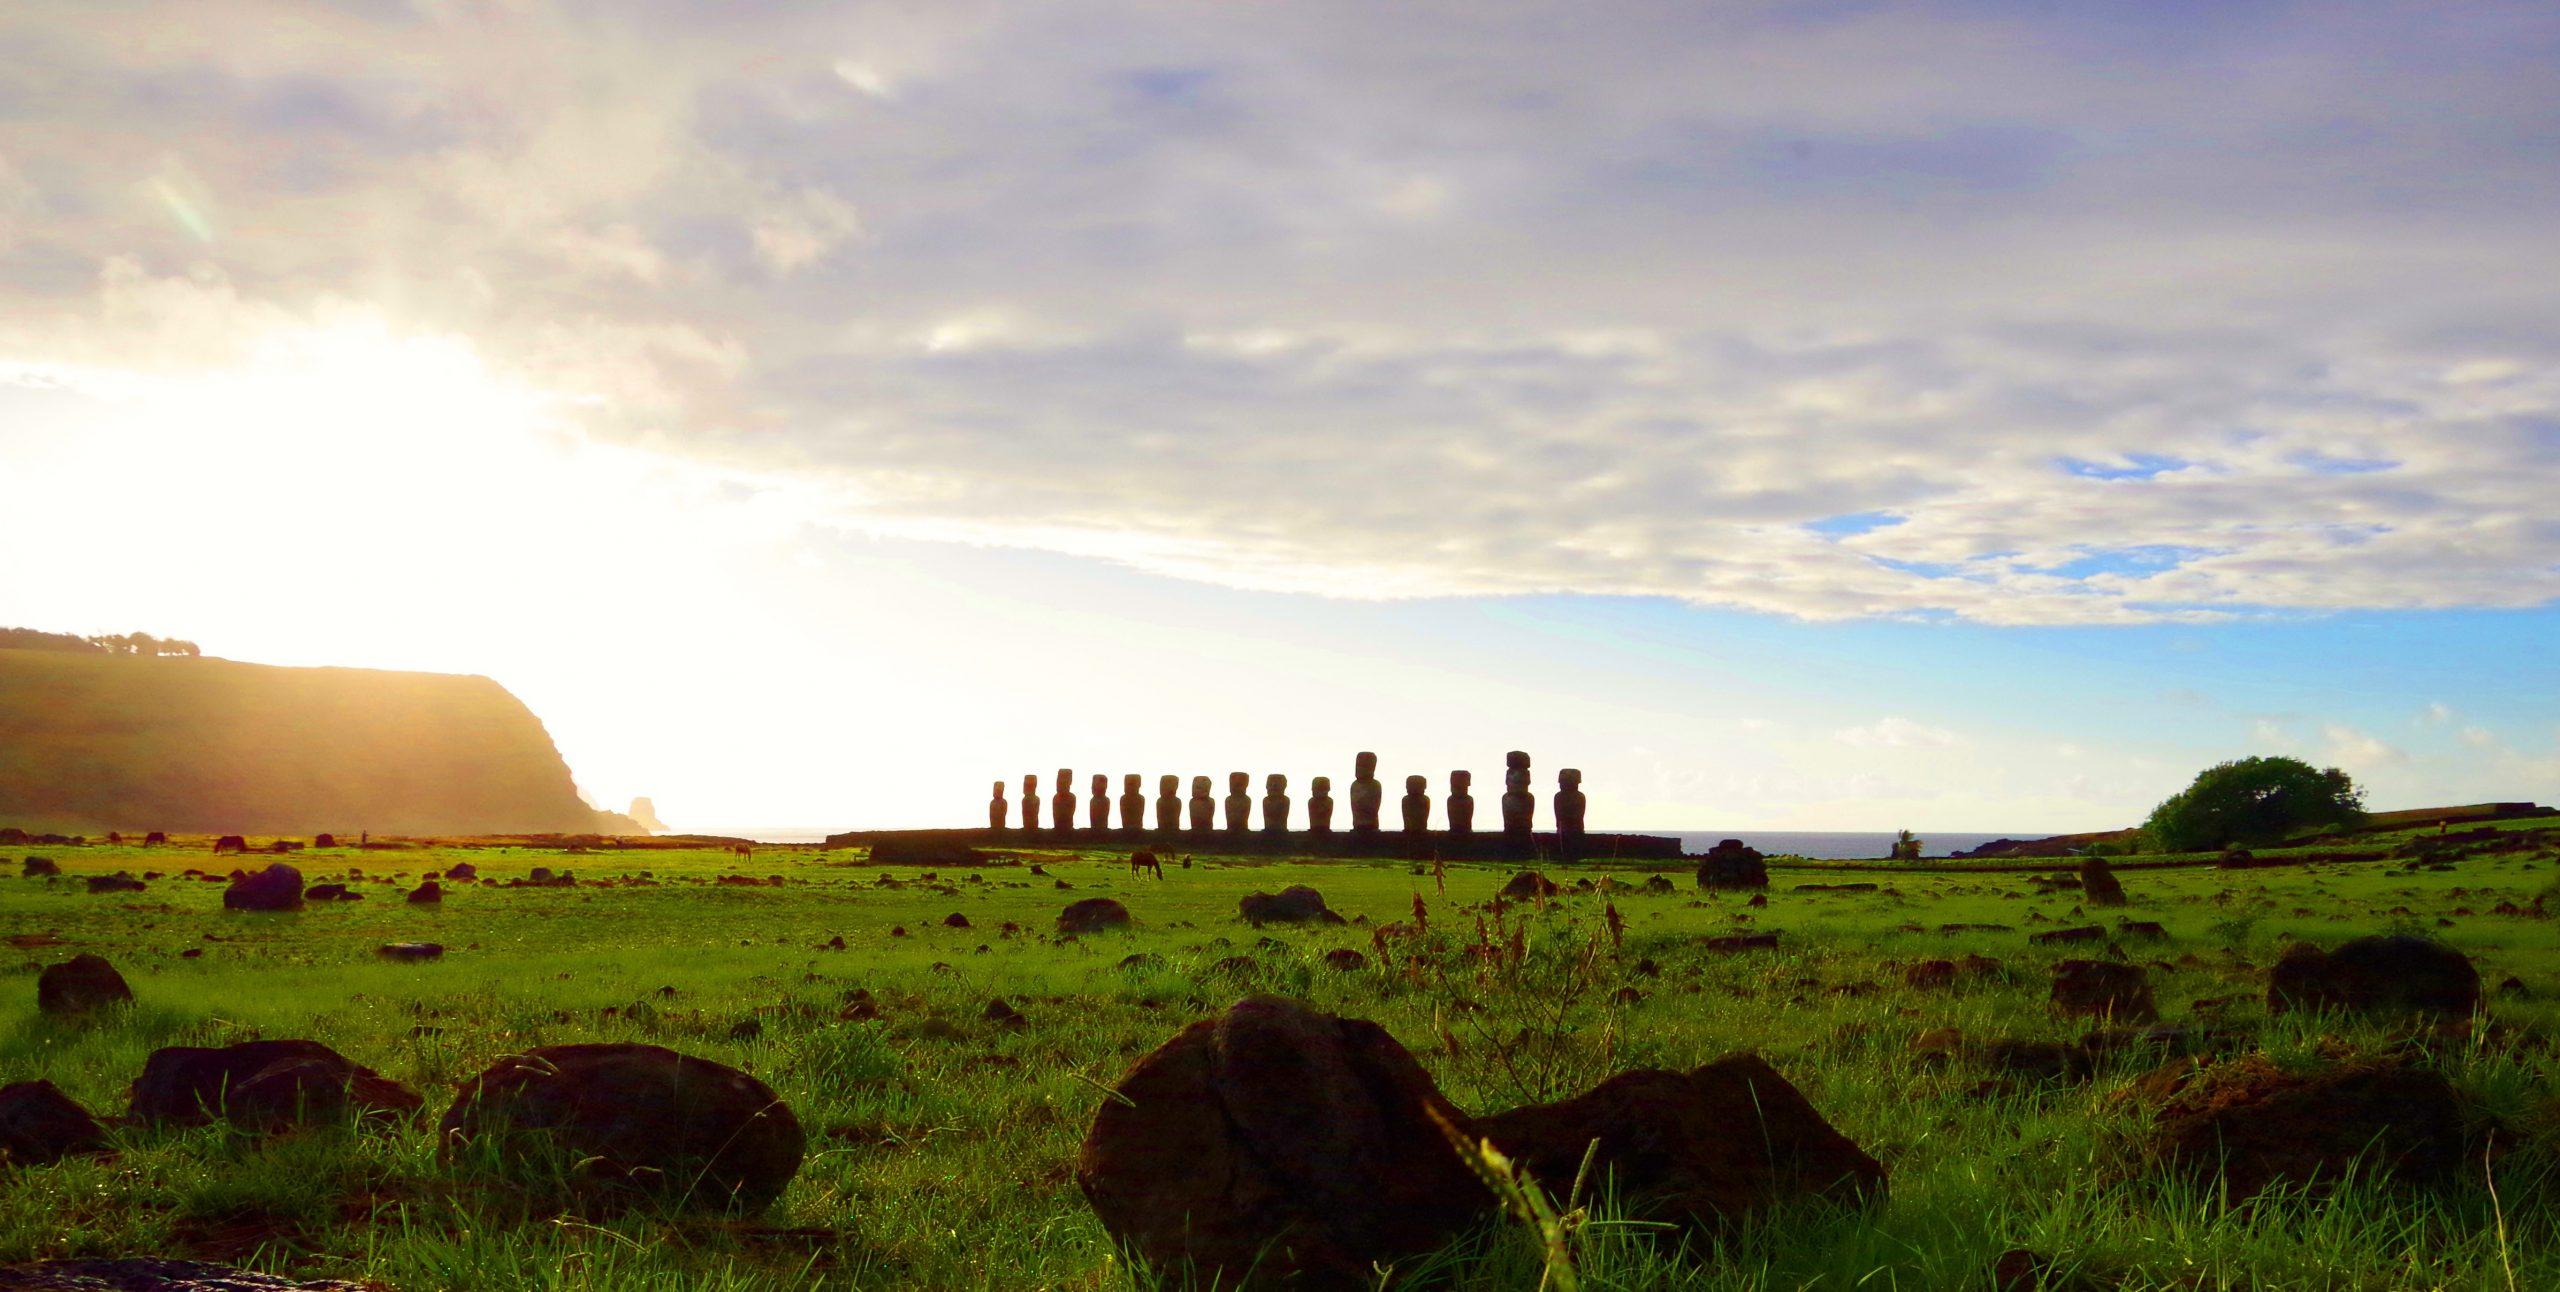 Île de Pâques au Chili - Les plus beaux paysages et parcs naturels d'Océanie